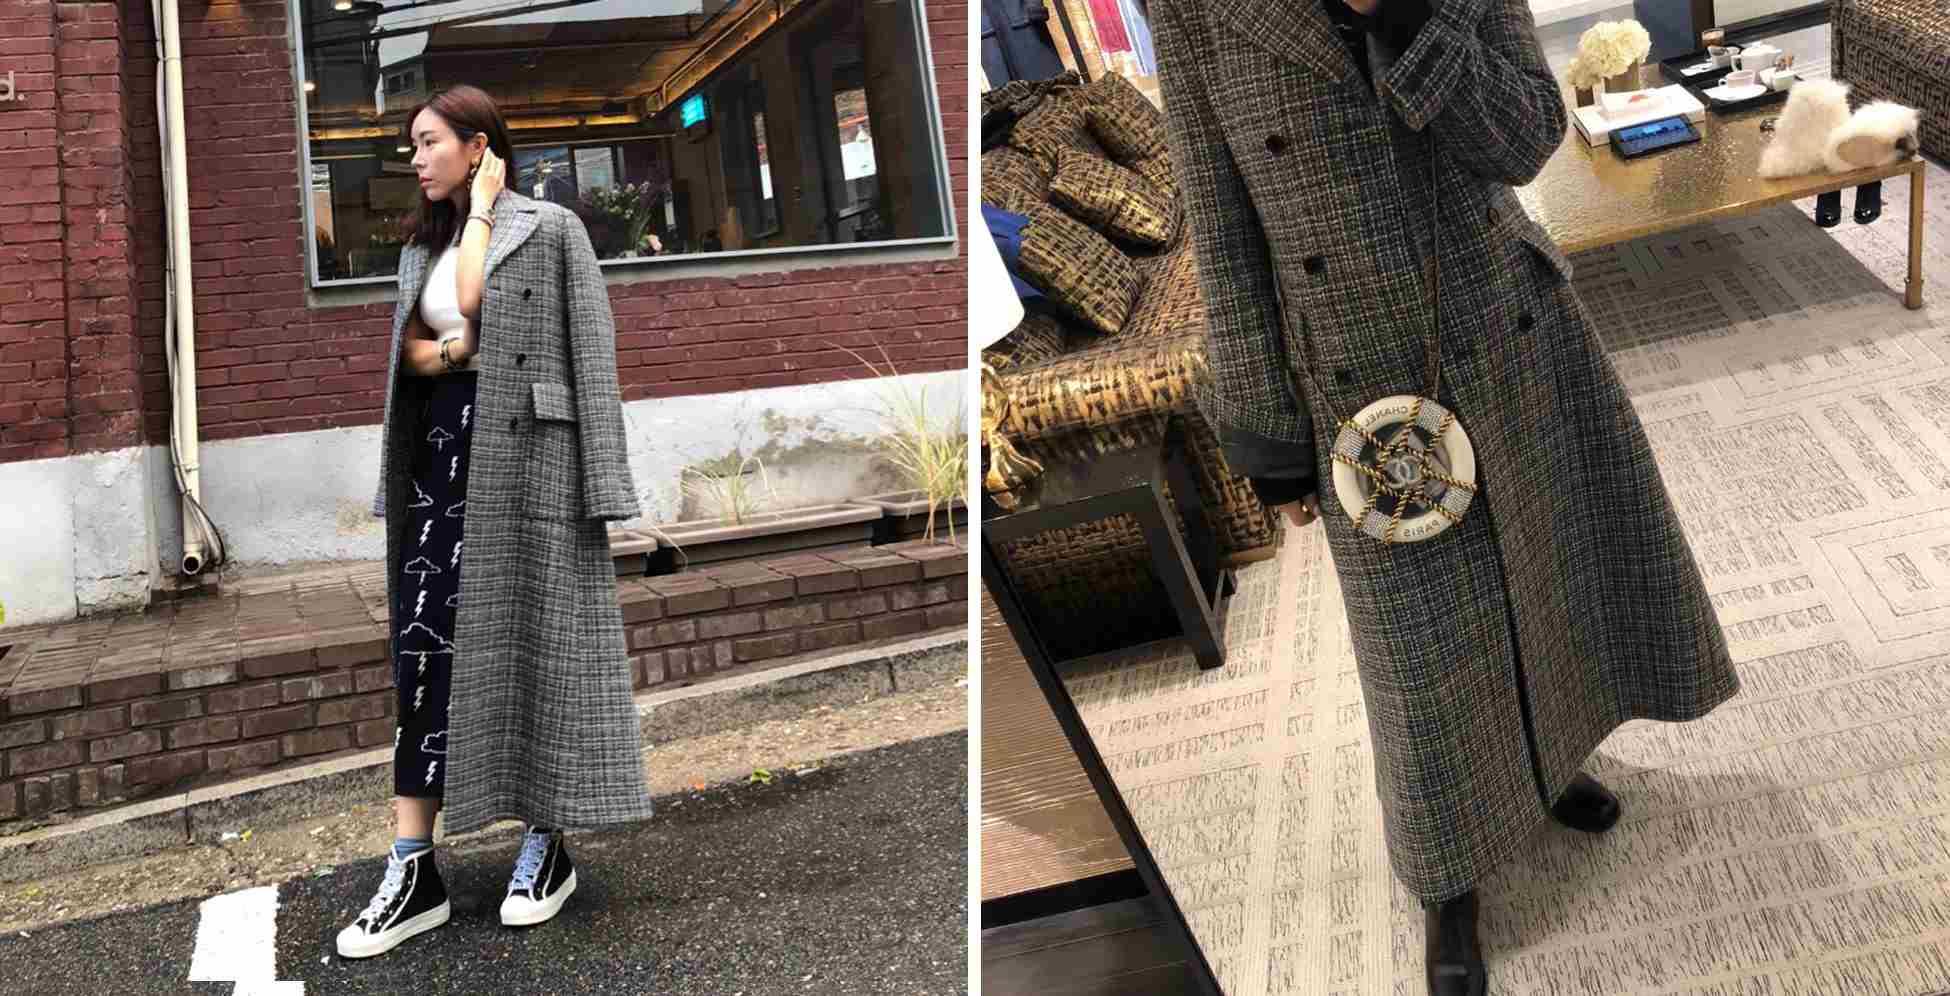 知道最近在SNS中掀起熱潮的大衣是什麼嗎,本季表現最搶眼的外套就是格子圖案和長至腳踝的大衣,各種在長大衣中,突出明星時尚的大衣就是時裝設計師李珠熙(@aav_chloelee)引領的Harris Tweed 大衣,channel或Thom Browne等名牌產品使用的100% Harris Tweed材料是其特點,其柔和的顏色和細緻的格子圖案既不會過度複雜又表現出與衆不同的輪廓。